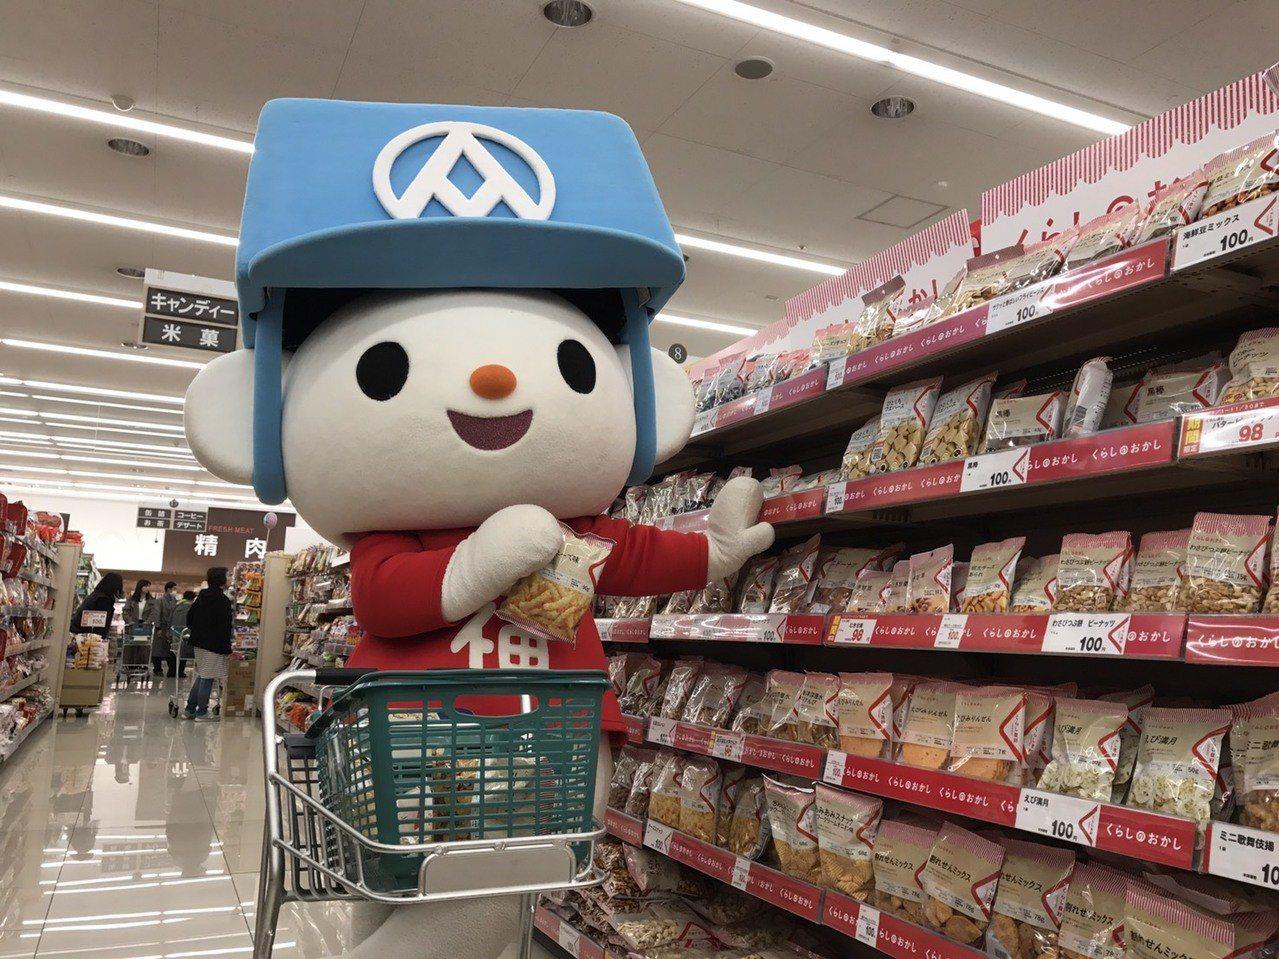 全聯福利熊前進日本逛超市,看到熊本縣小國町的FREIN超市貨架上,有滿滿的「生活...